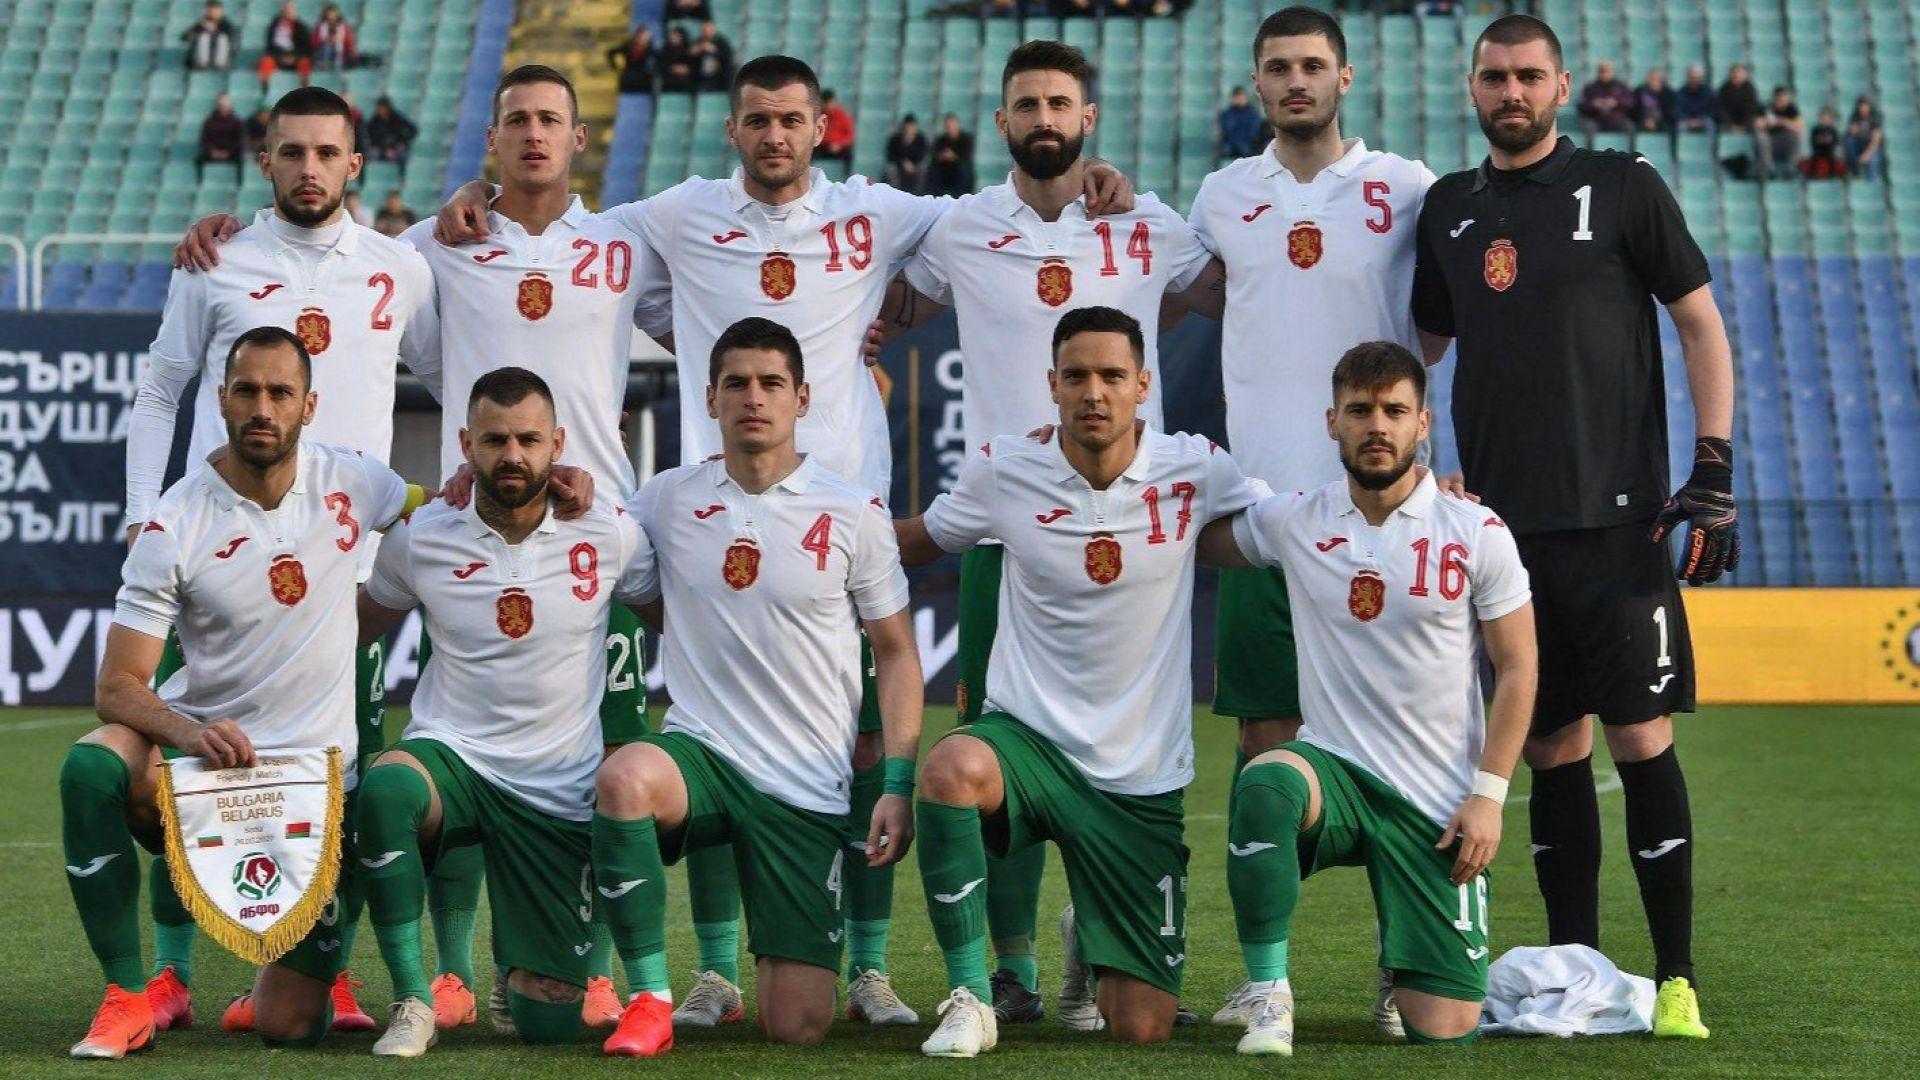 Националите ще играят важния мач с Унгария без подкрепата на фенове